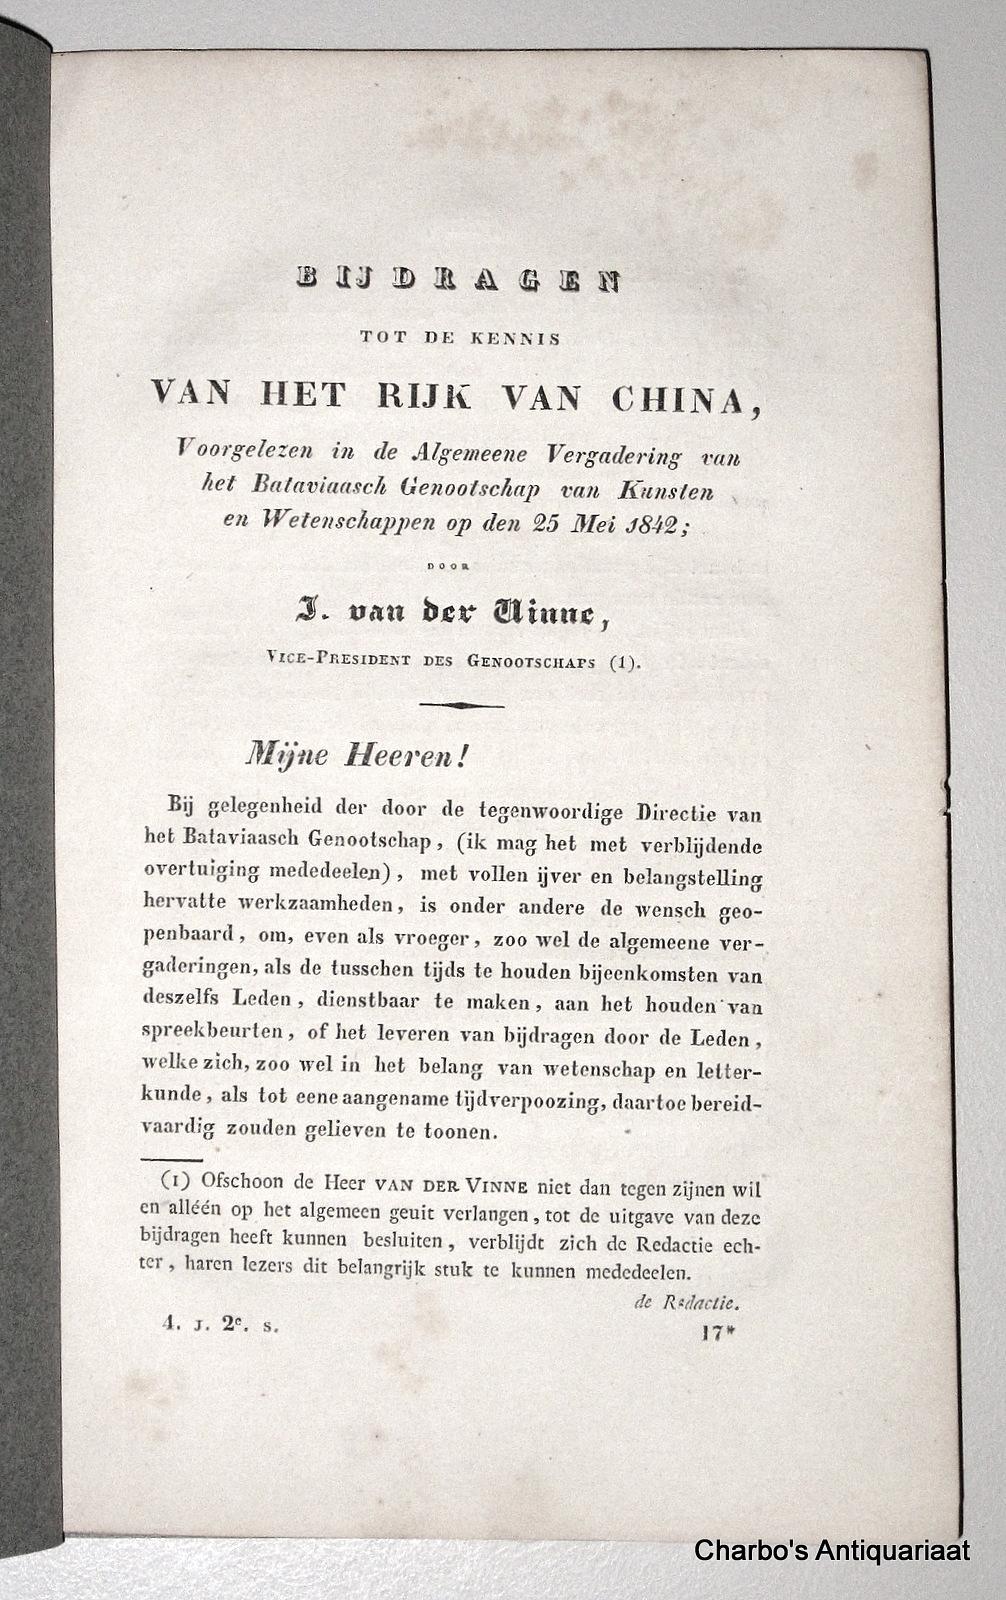 VINNE, J. VAN DER, -  Bijdragen tot de kennis van het rijk van China, voorgelezen in de algemeene vergadering van het Bataviaasch Genootschap van Kunsten en Wetenschappen, op den 25 Mei 1842.